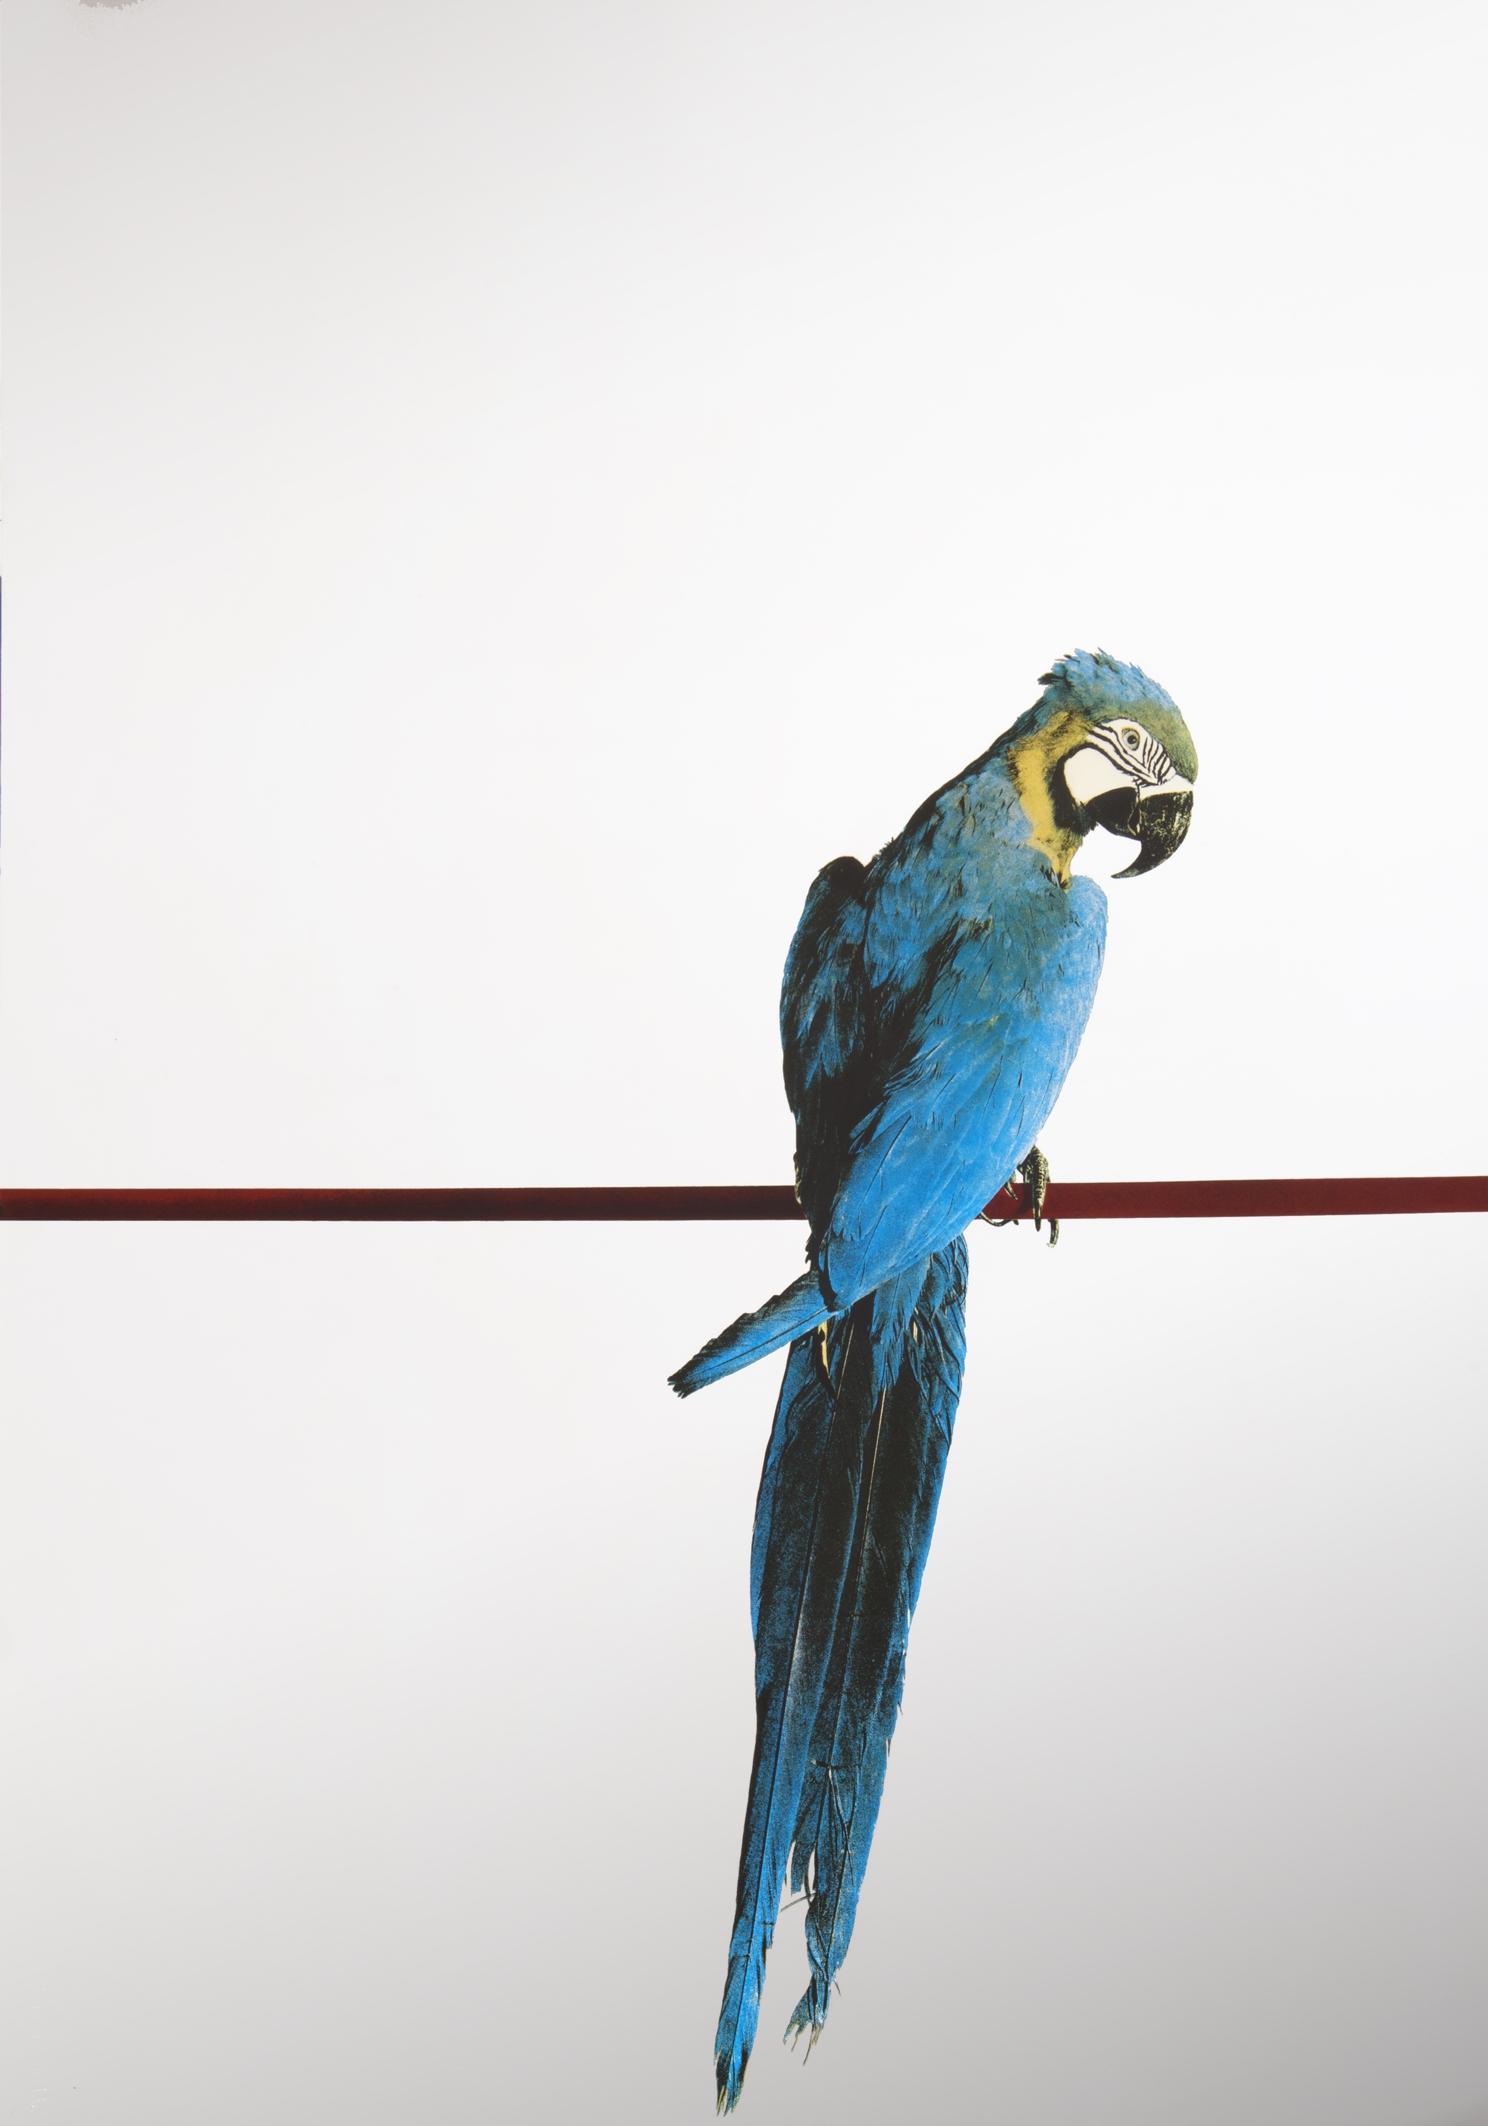 Arte fiera a bologna la mostra dedicata all 39 arte - Serigrafia su specchio ...